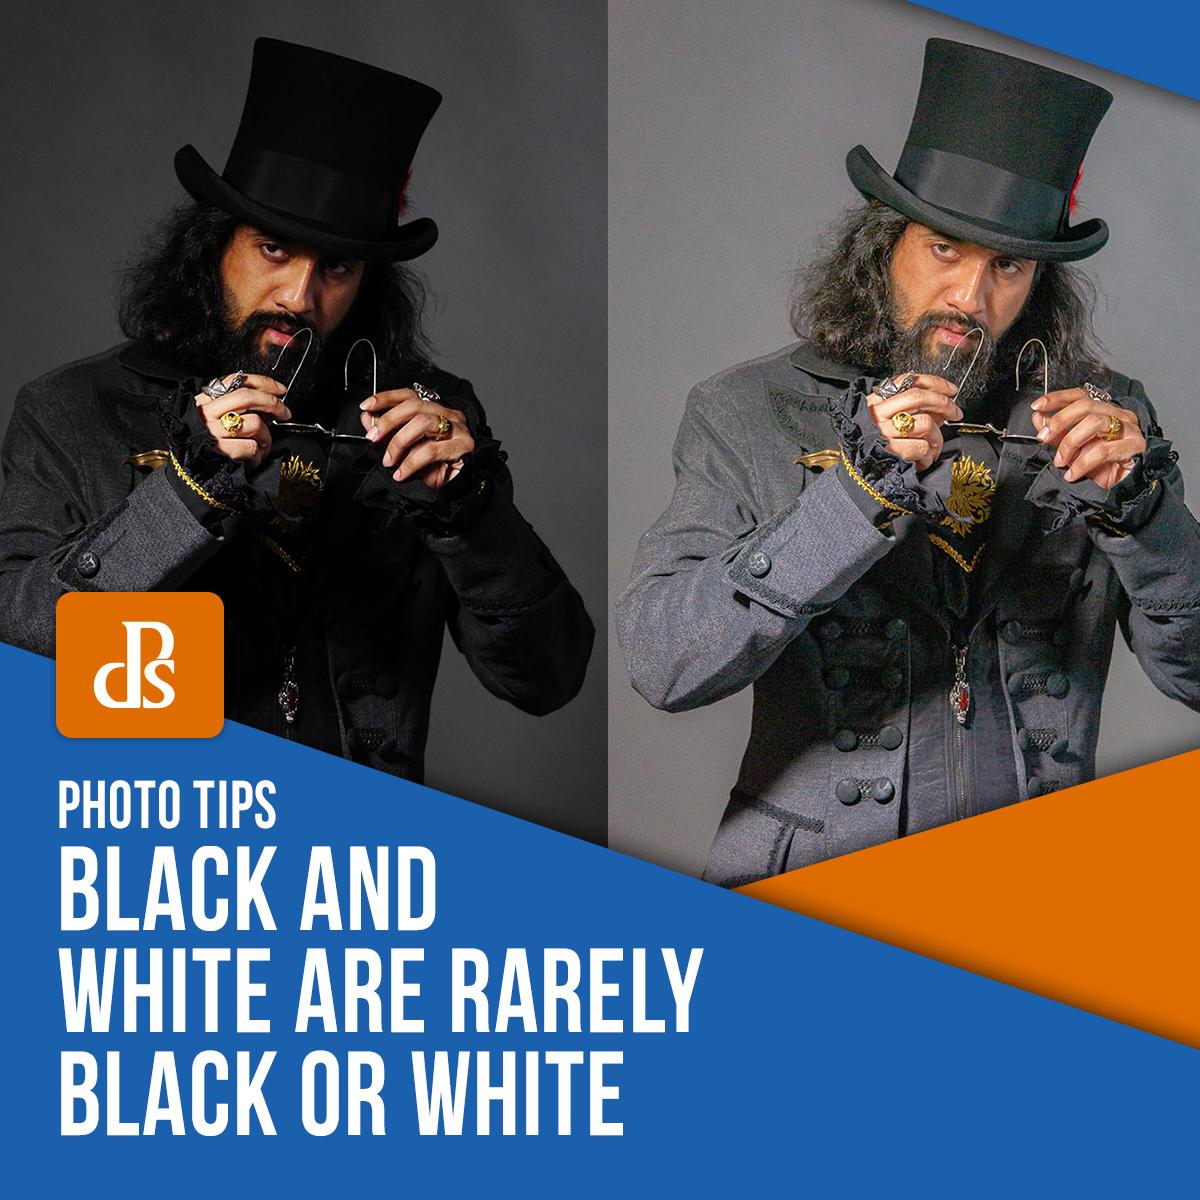 dps-black-or-white-tone